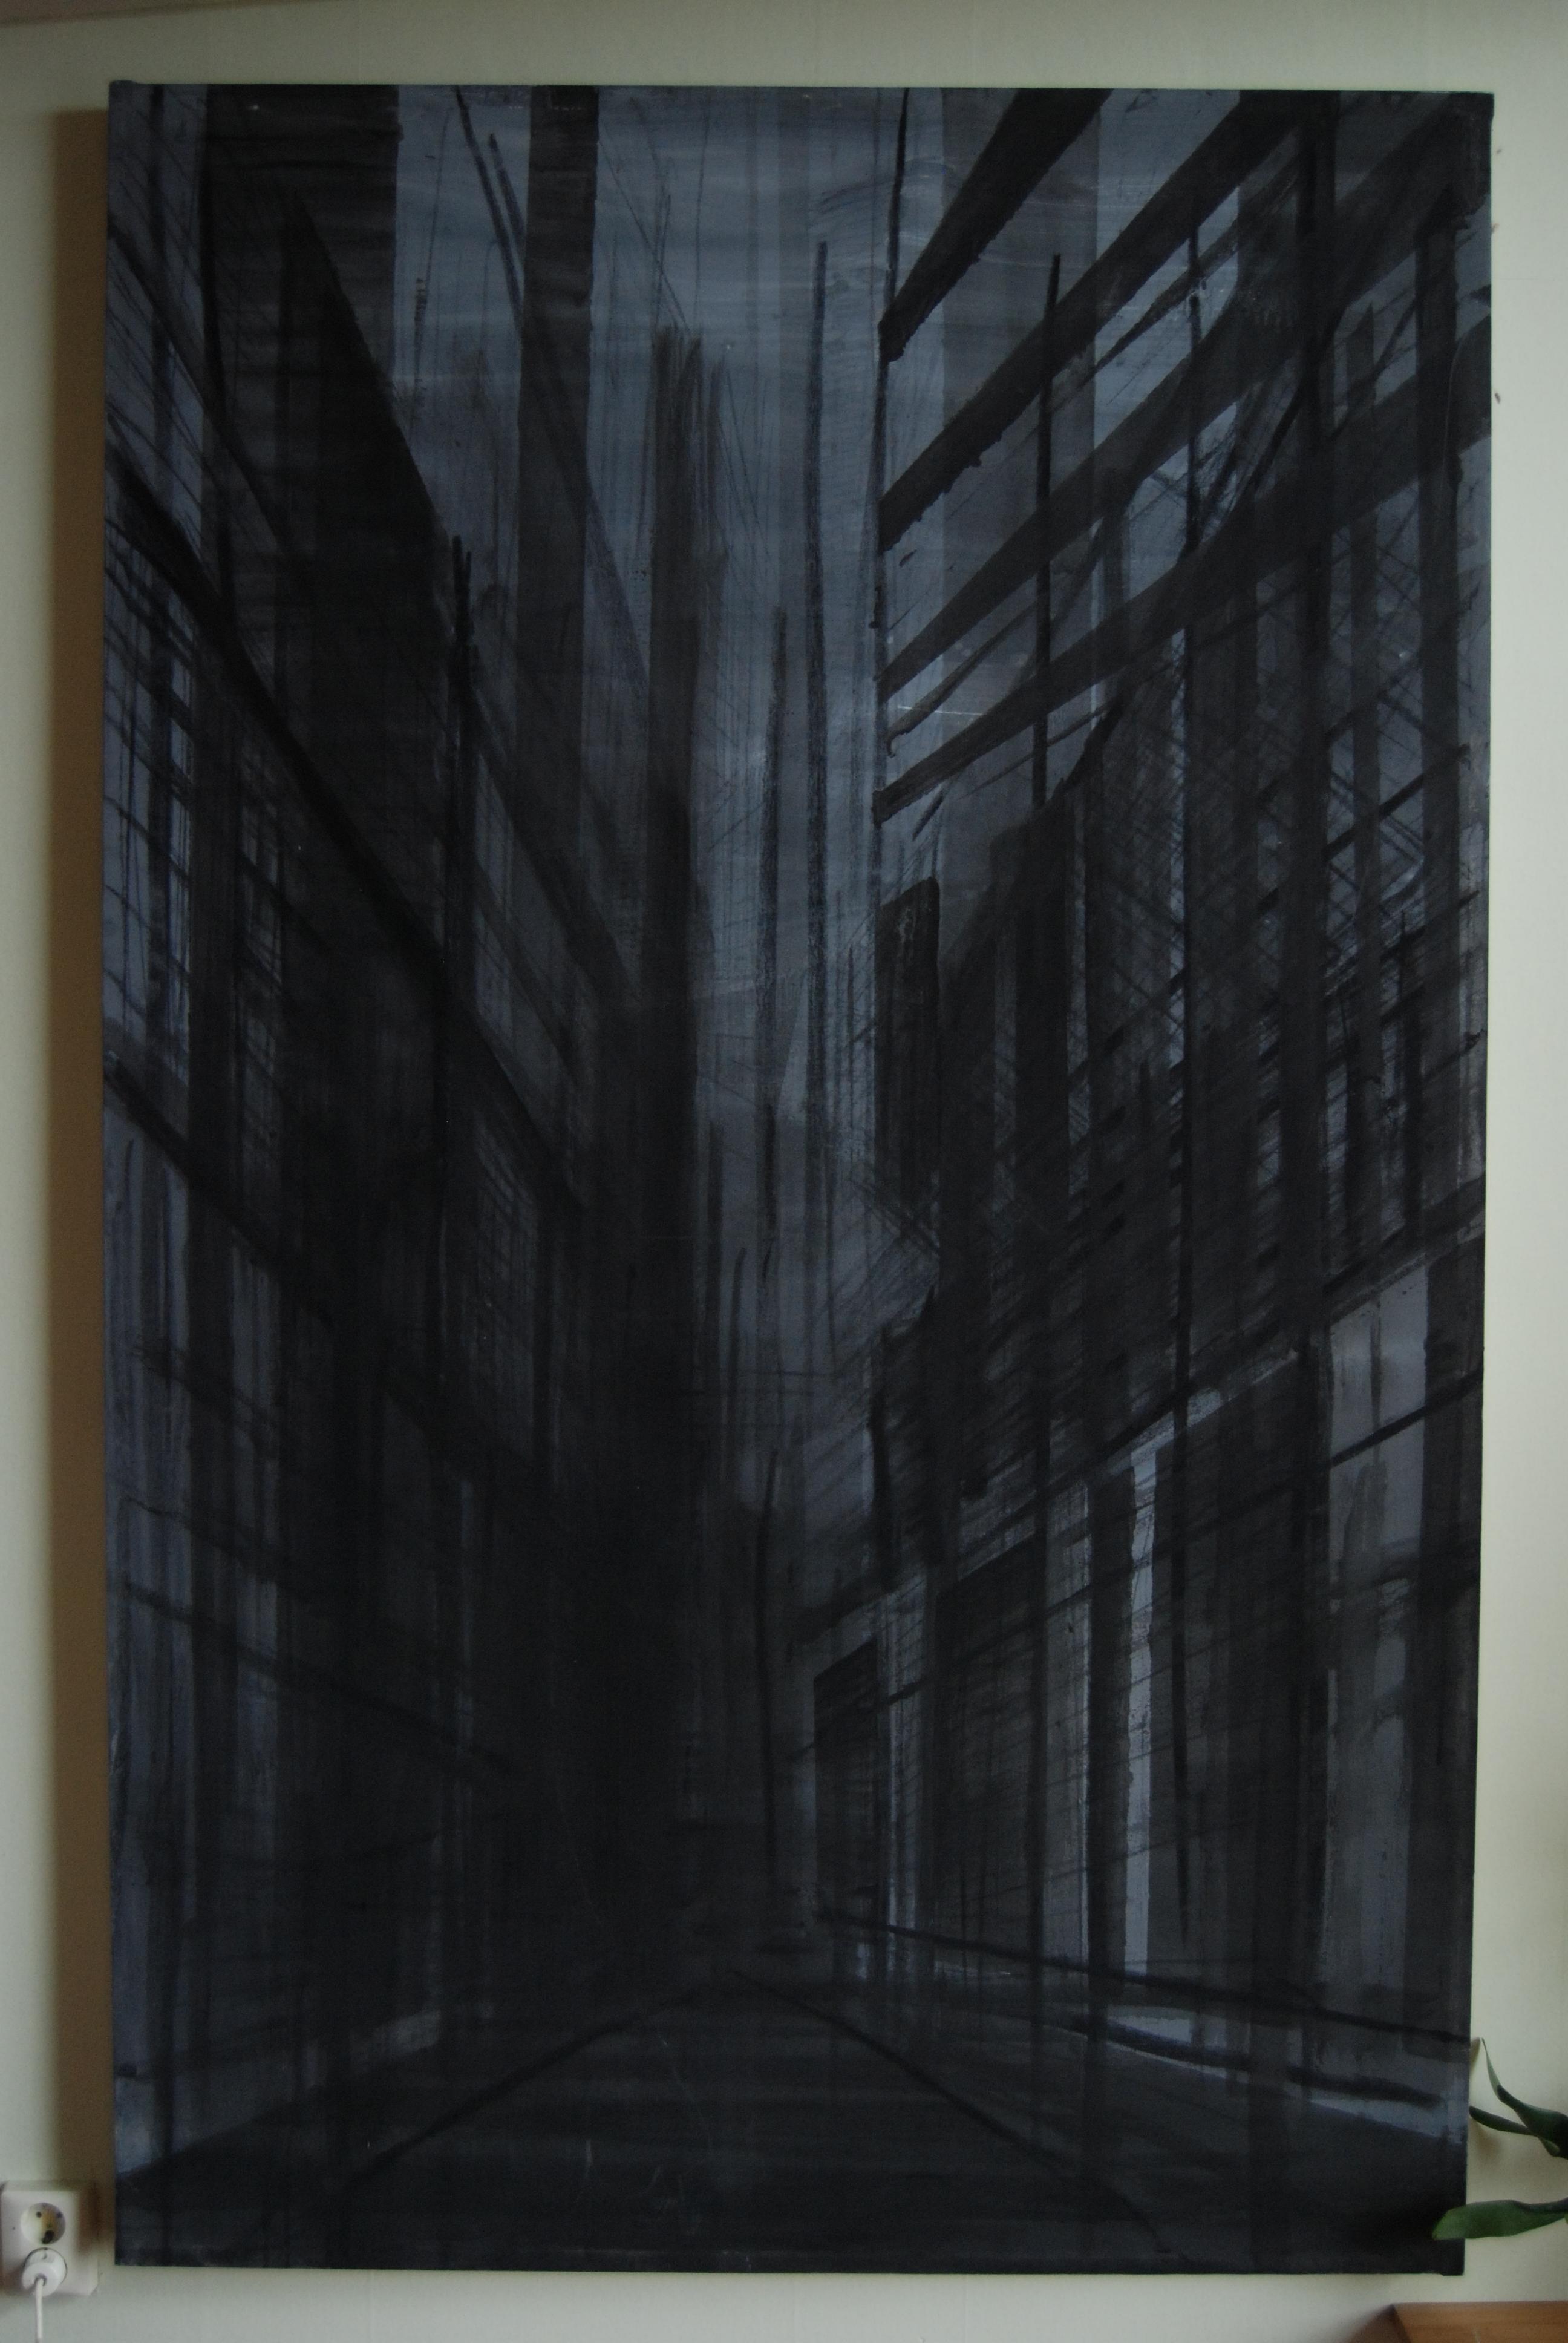 Jaap Kamsma Fine Art 2012 untitled #10